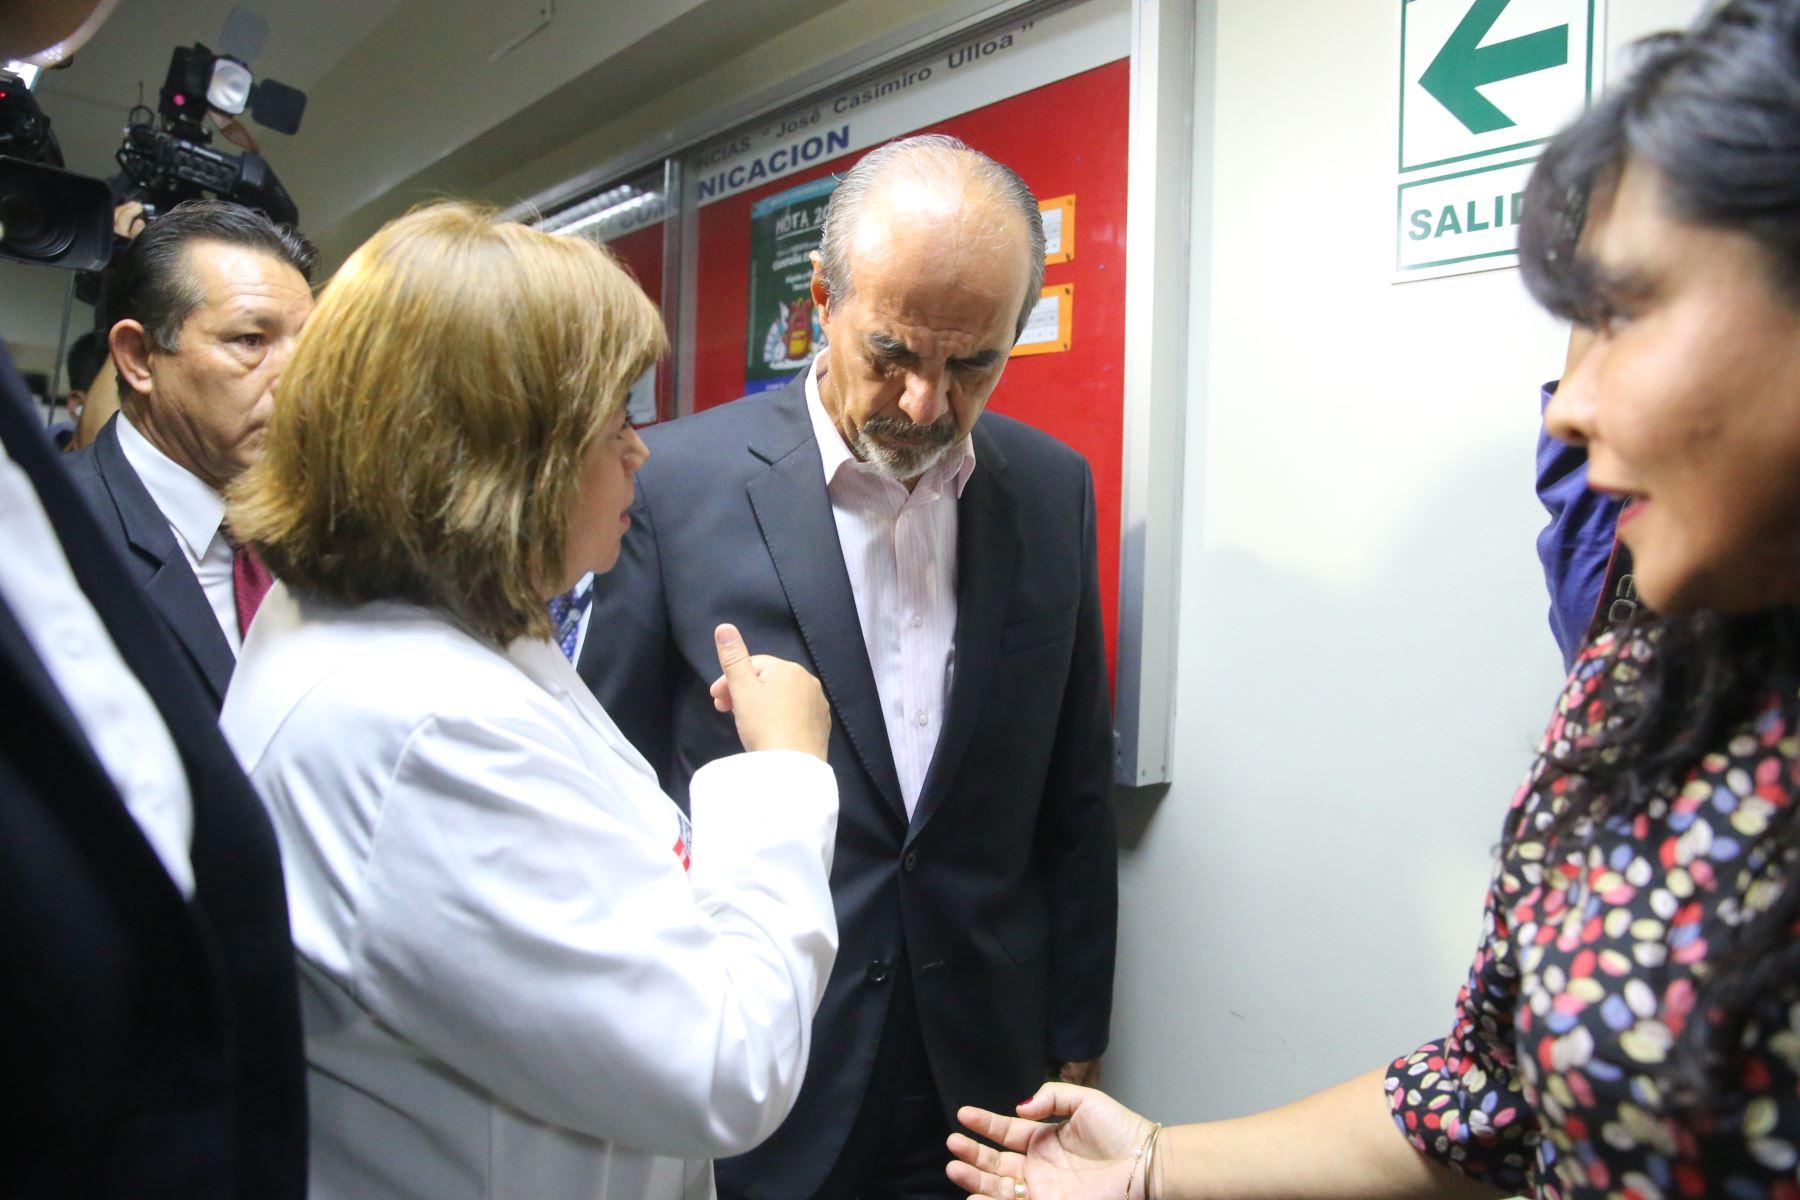 Congresista Mauricio Mulder en los Interiores del hospital Casimiro Ulloa, donde fue internado de emergencia el expresidente Alan García. Foto: ANDINA/ Vidal Tarqui